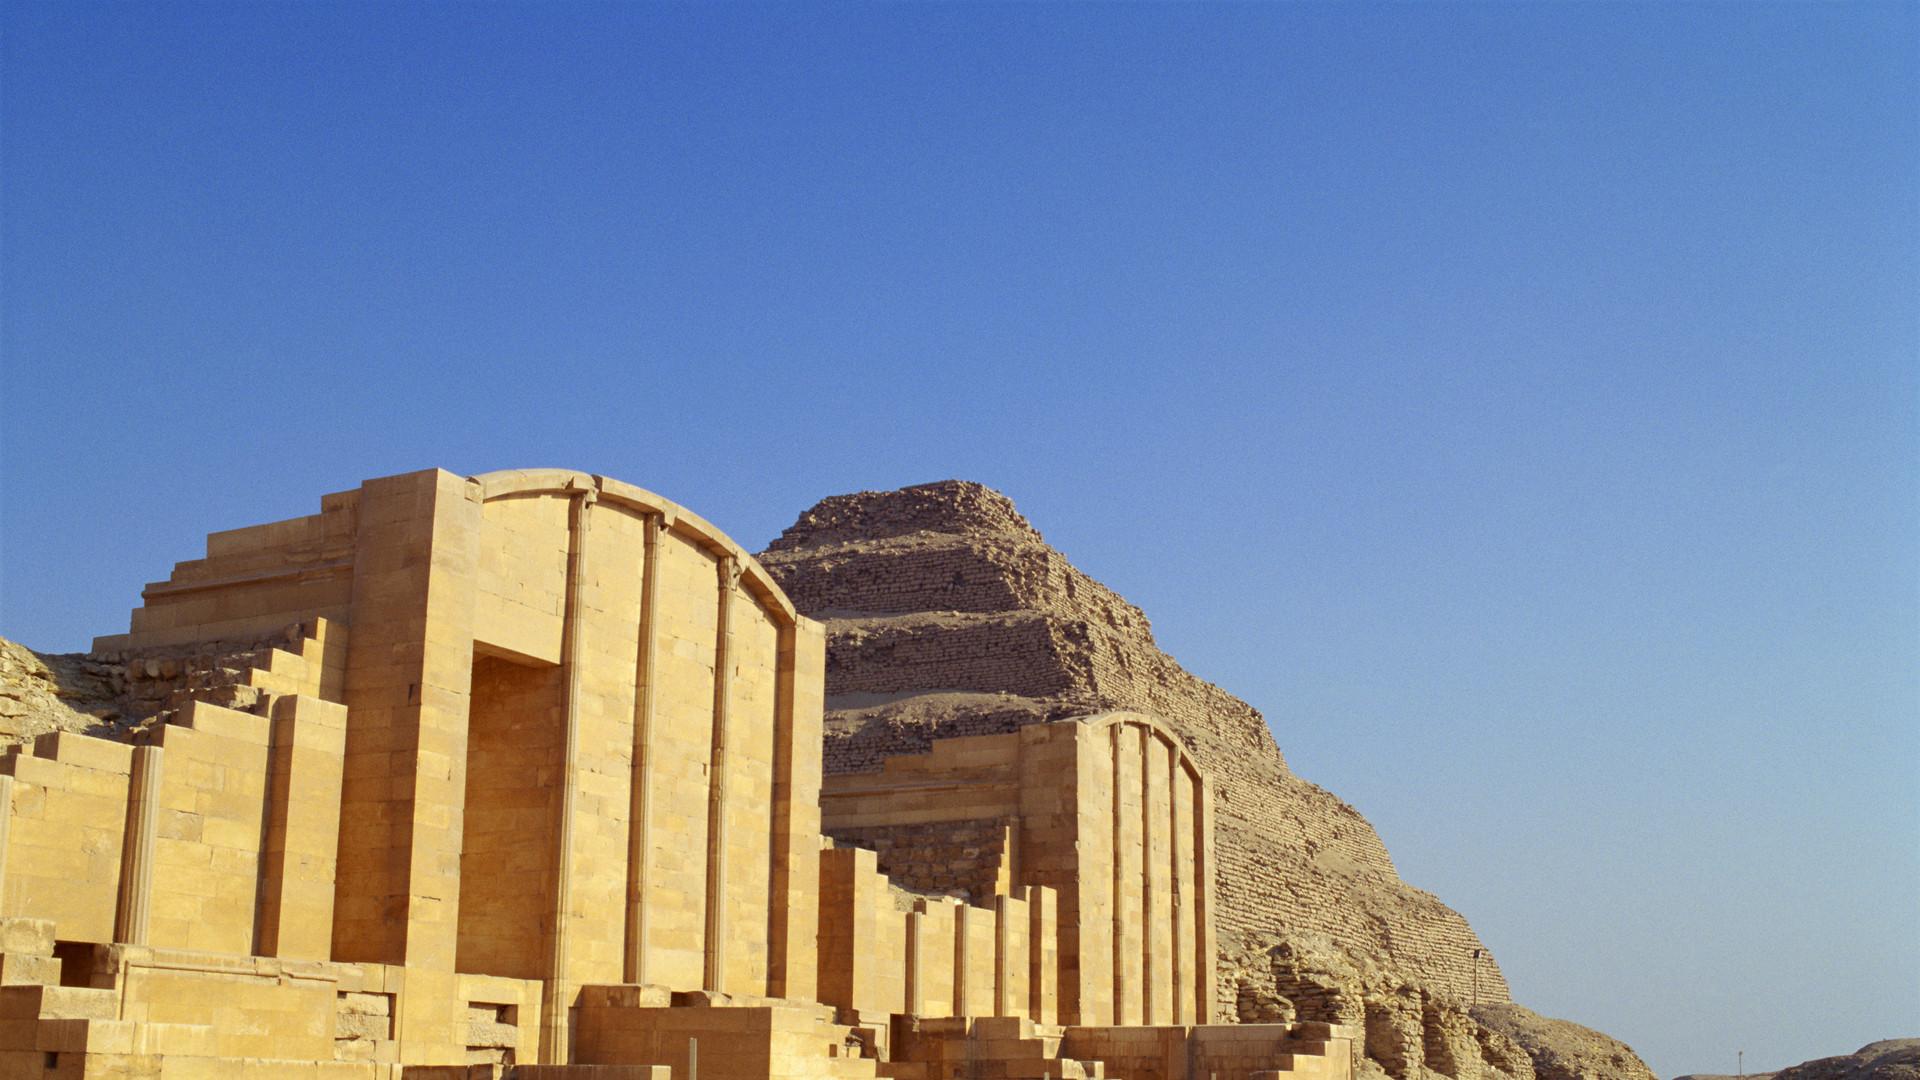 アラブ人民とSNS:エジプトで「不適切写真」が刑事捜査に発展(髙岡豊) - 個人 - Yahoo!ニュース